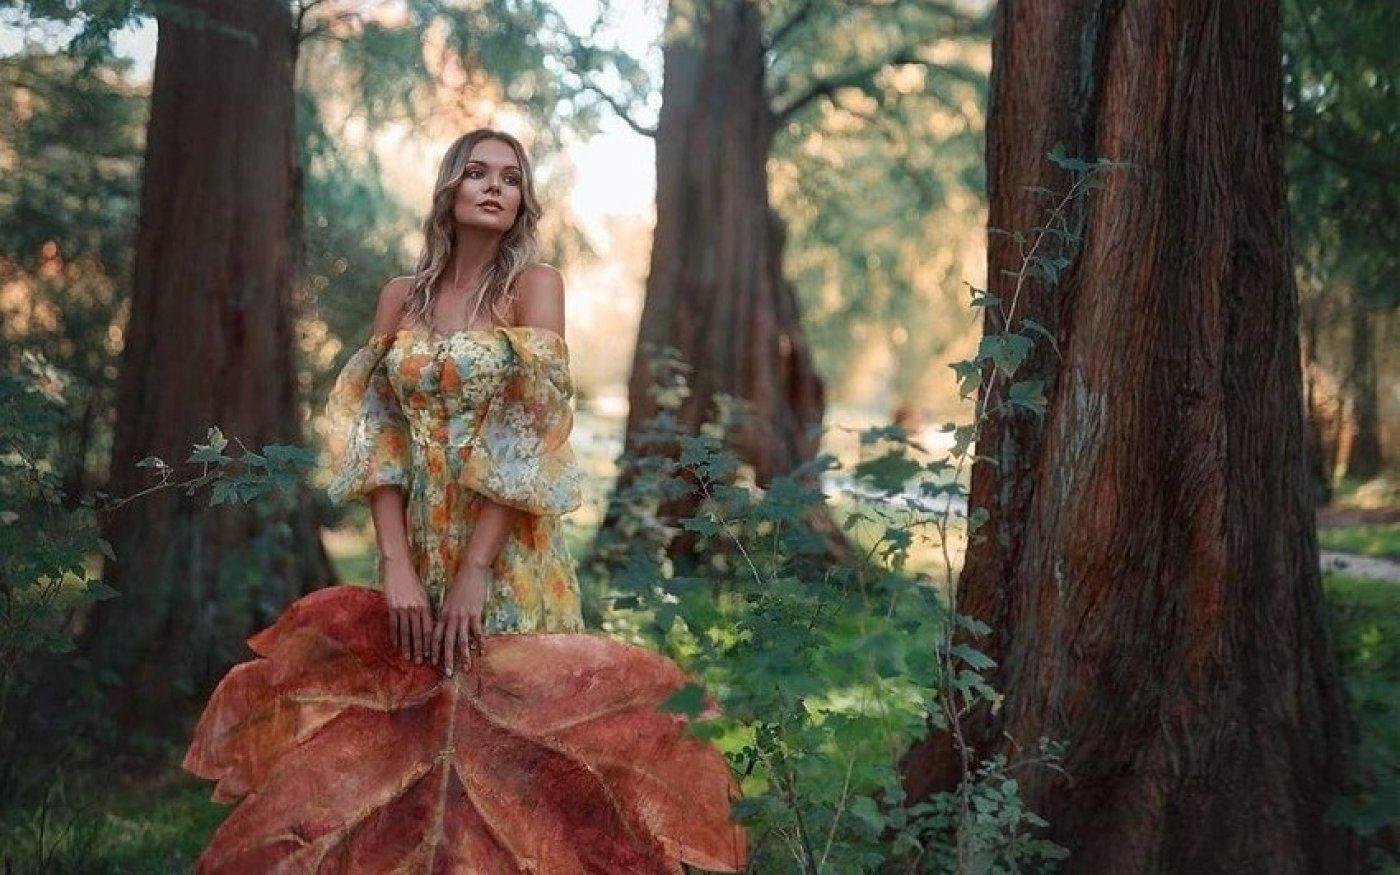 Φωτό ημέρας ένα πανέμορφο φθινοπωρινό κλικ - μας πάει σε έναν κόσμο λίγο πιο μαγικό /@artphotoproject - Κυρίως Φωτογραφία - Gallery - Video